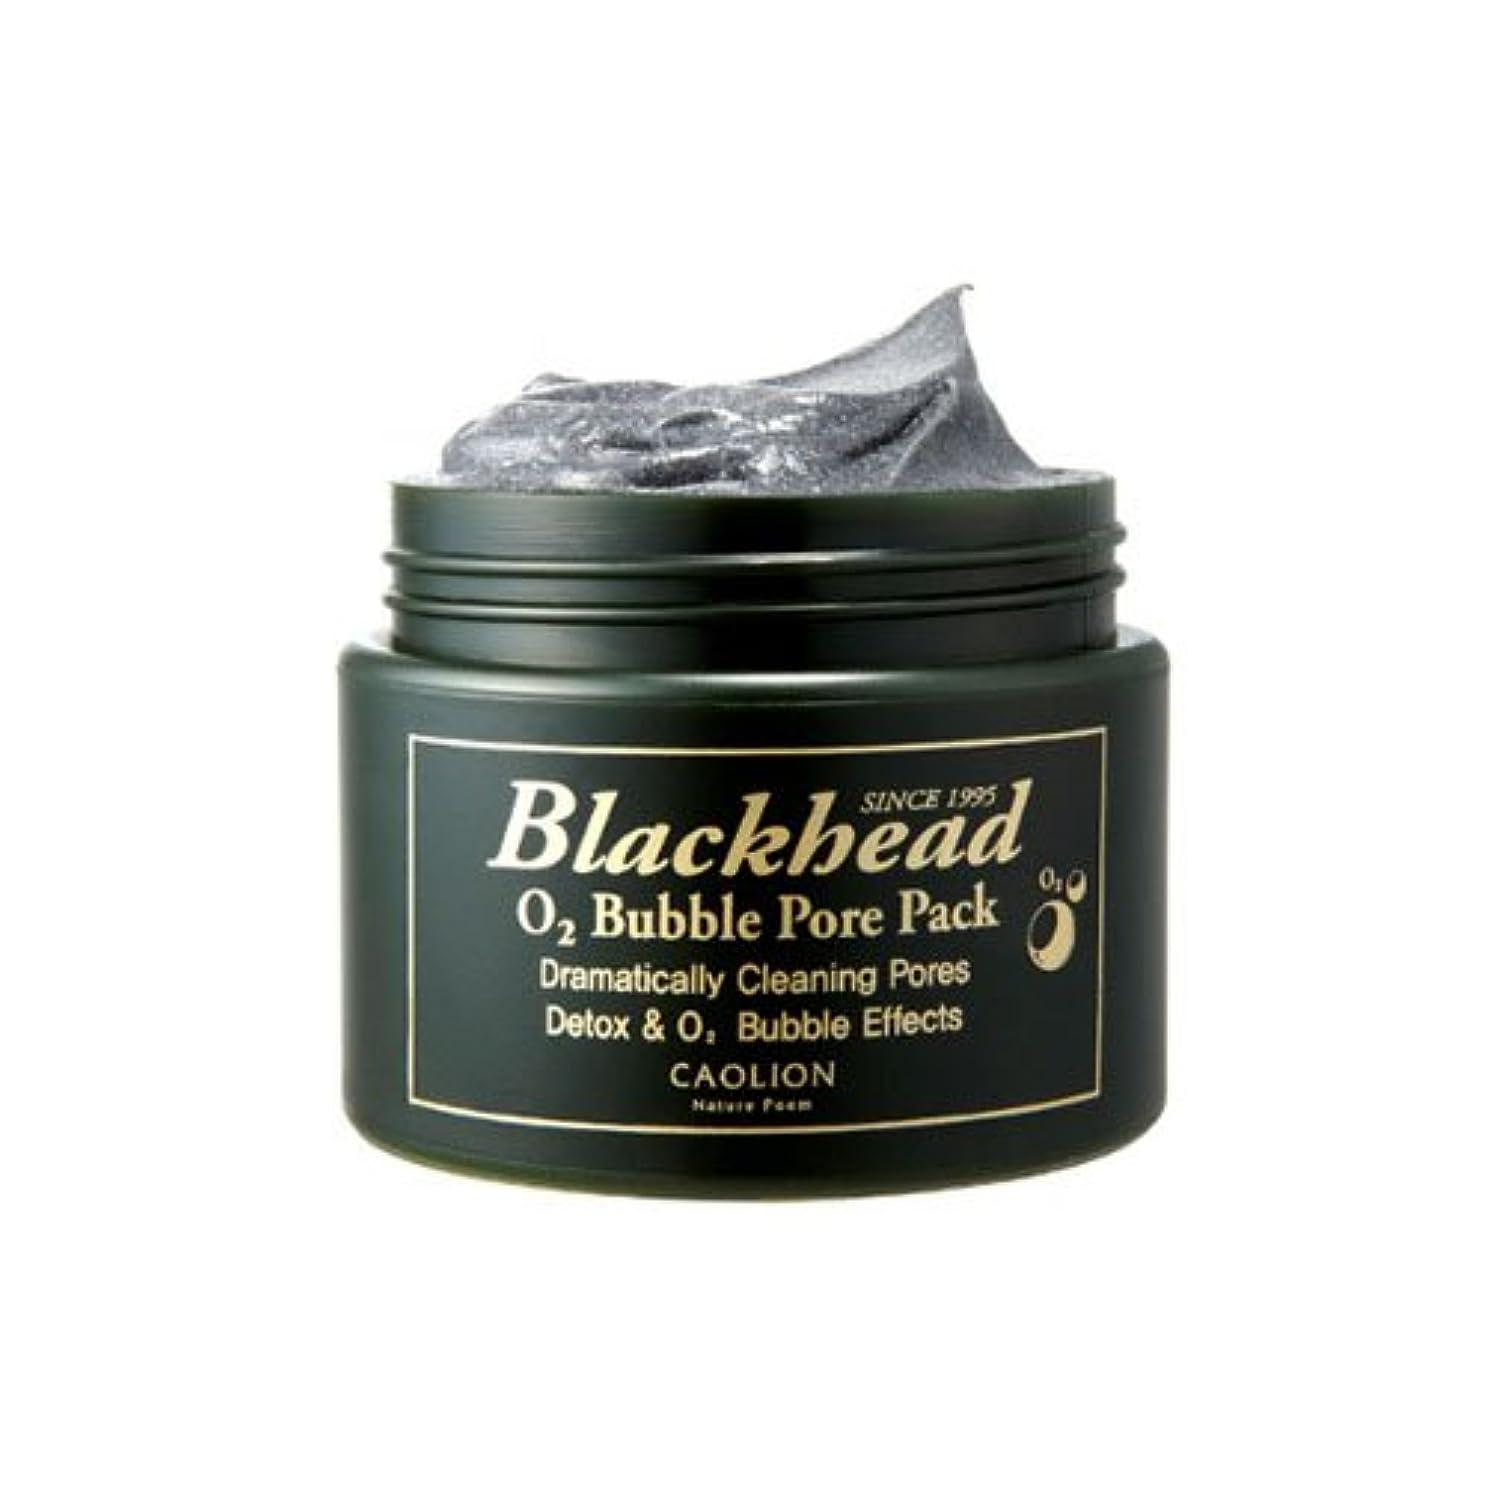 不透明なマージン競争カオリオン ブラックヘッド O2 バブル ポア パック (50g) [海外直送品][並行輸入品]